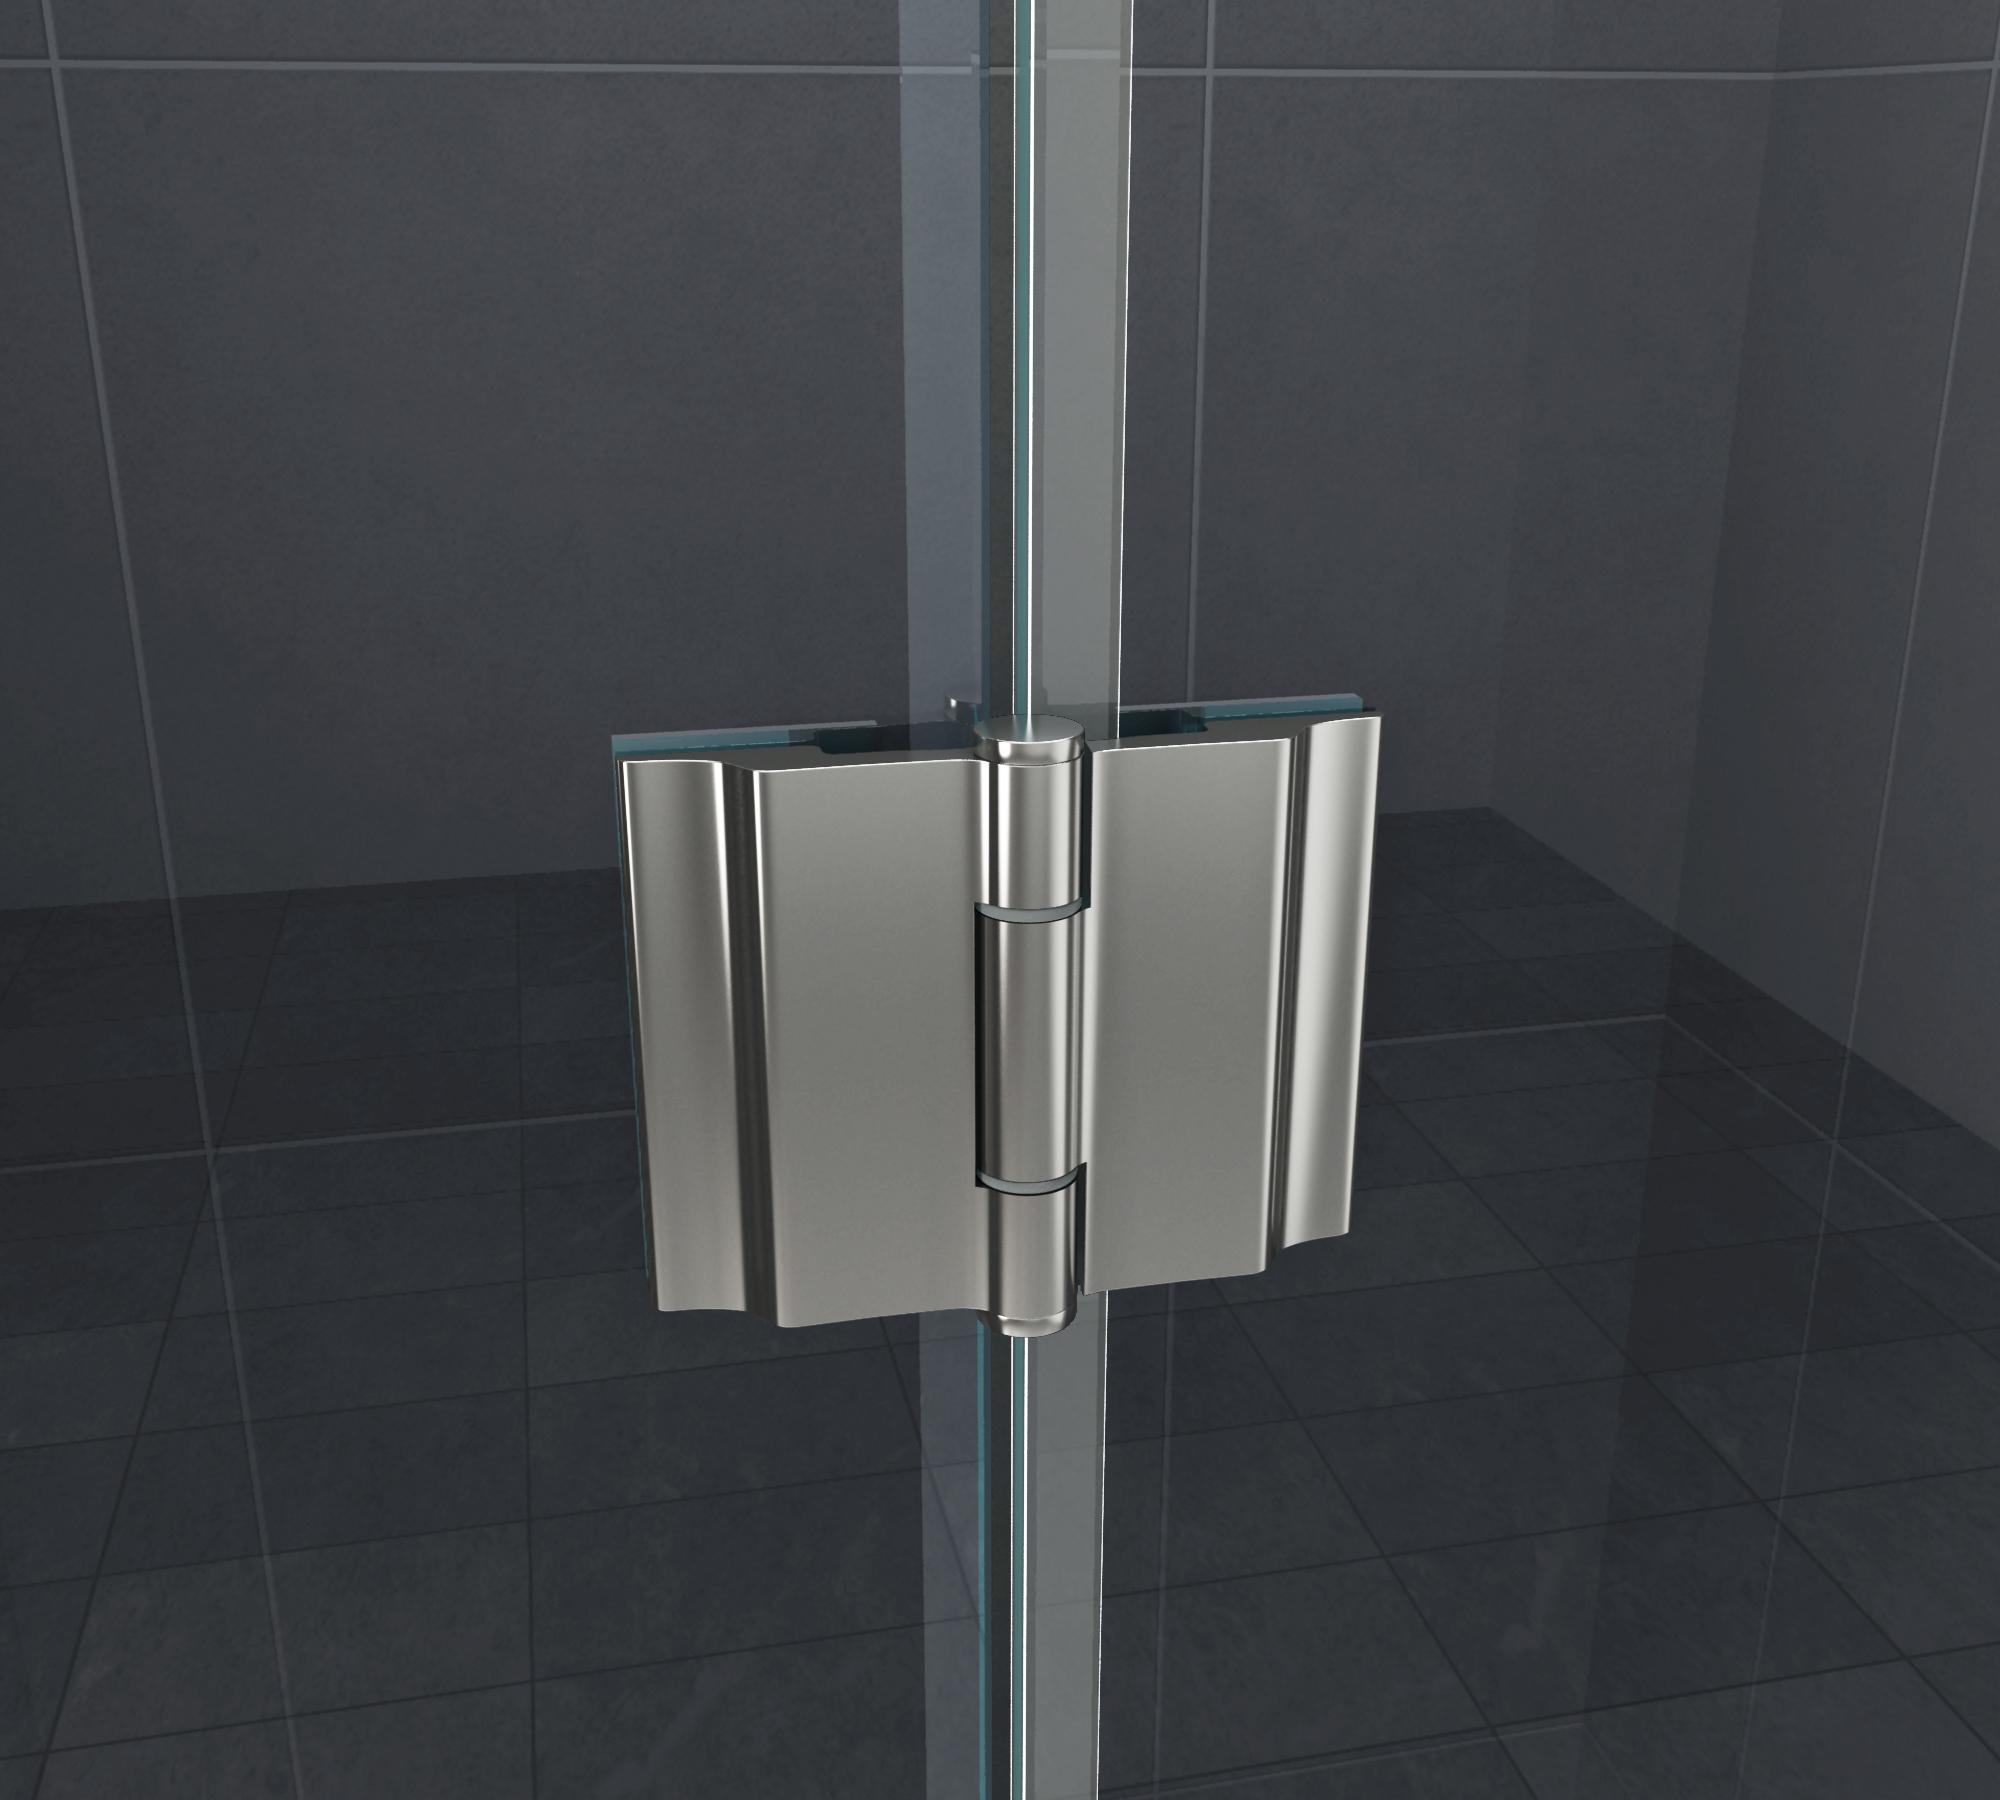 Scharnier / Beschlag für Duschen S02